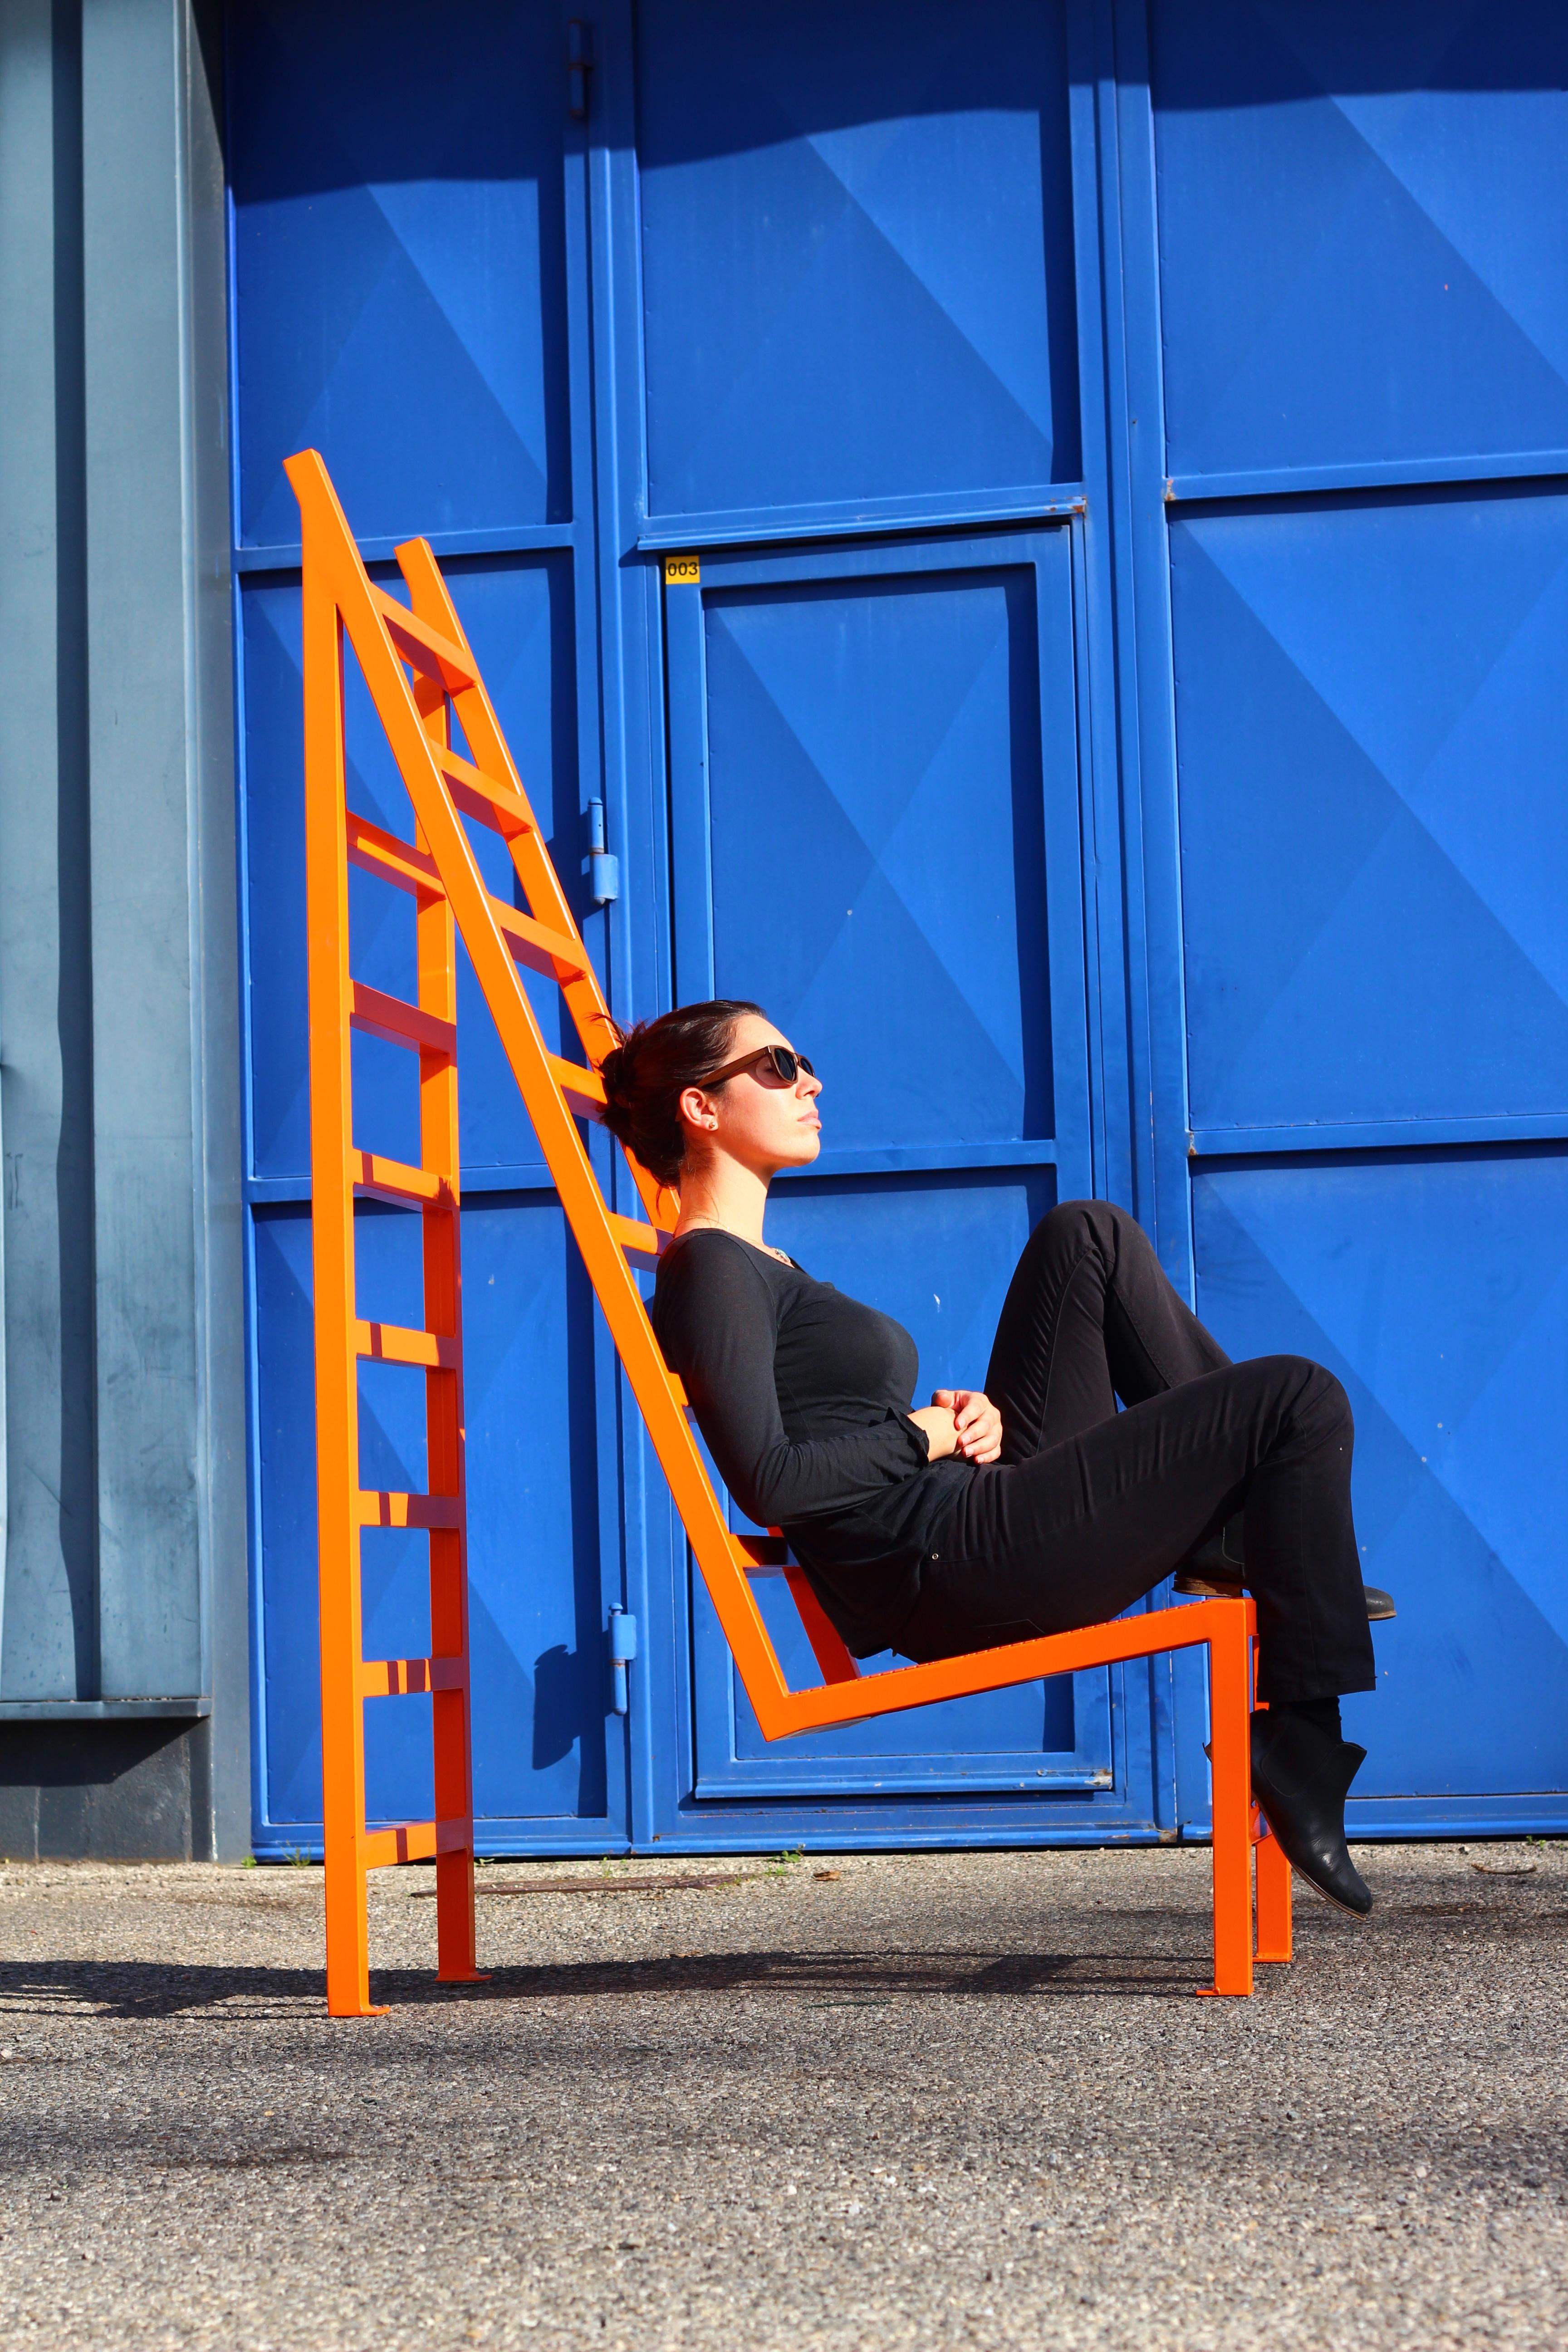 kld-design-mobilier-chaise-etoile-pont-de-claix